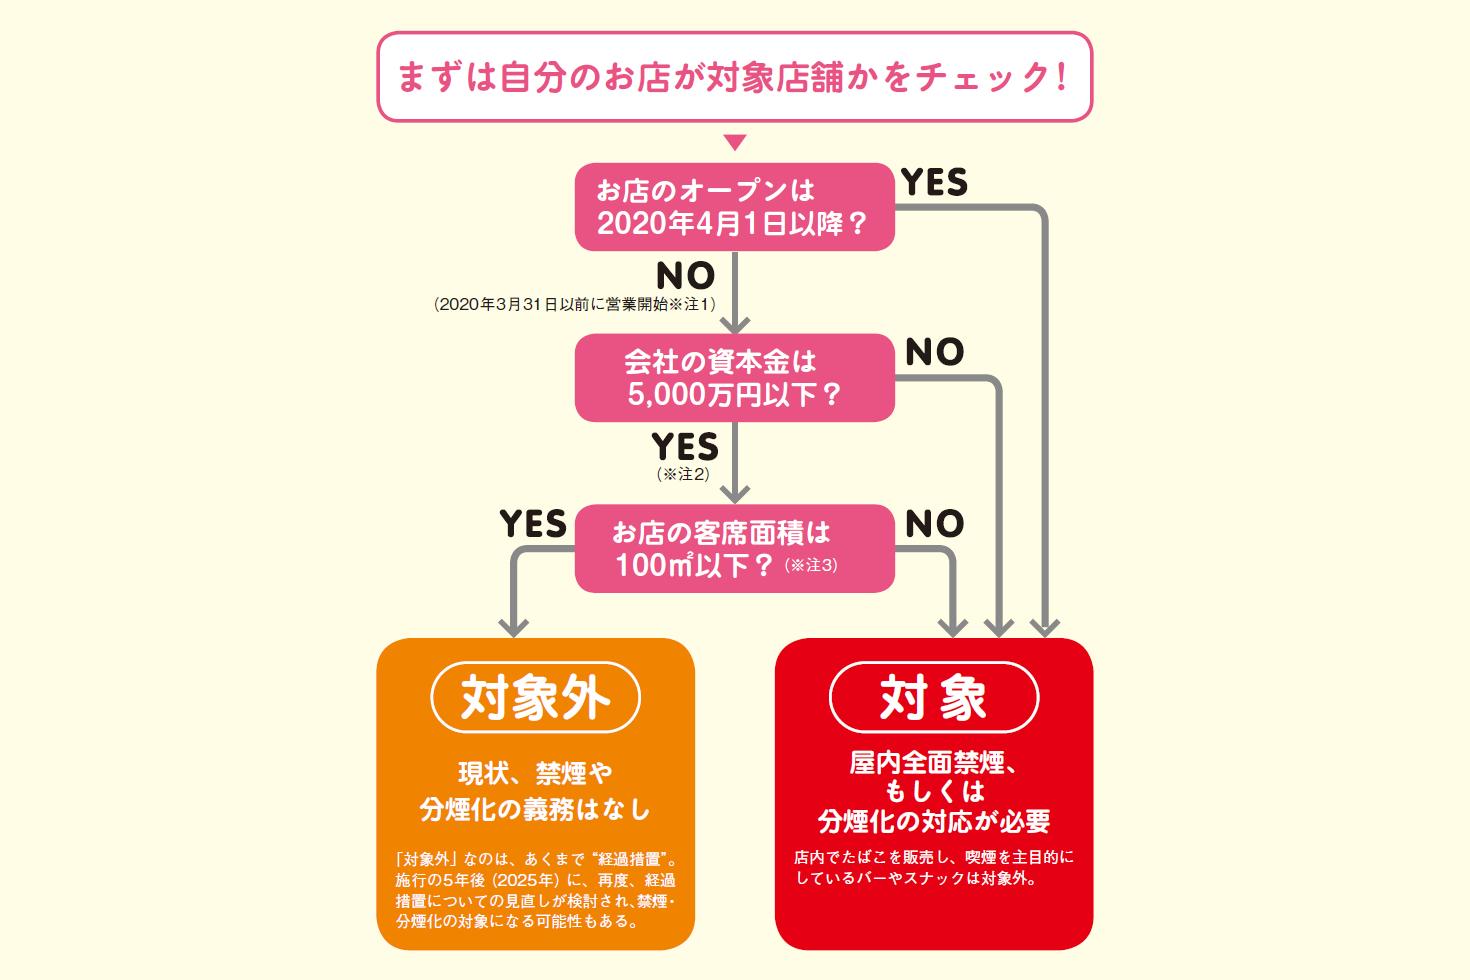 飲食店×たばこの新ルール 2020年4月1日の法律施行を前に再確認 ...